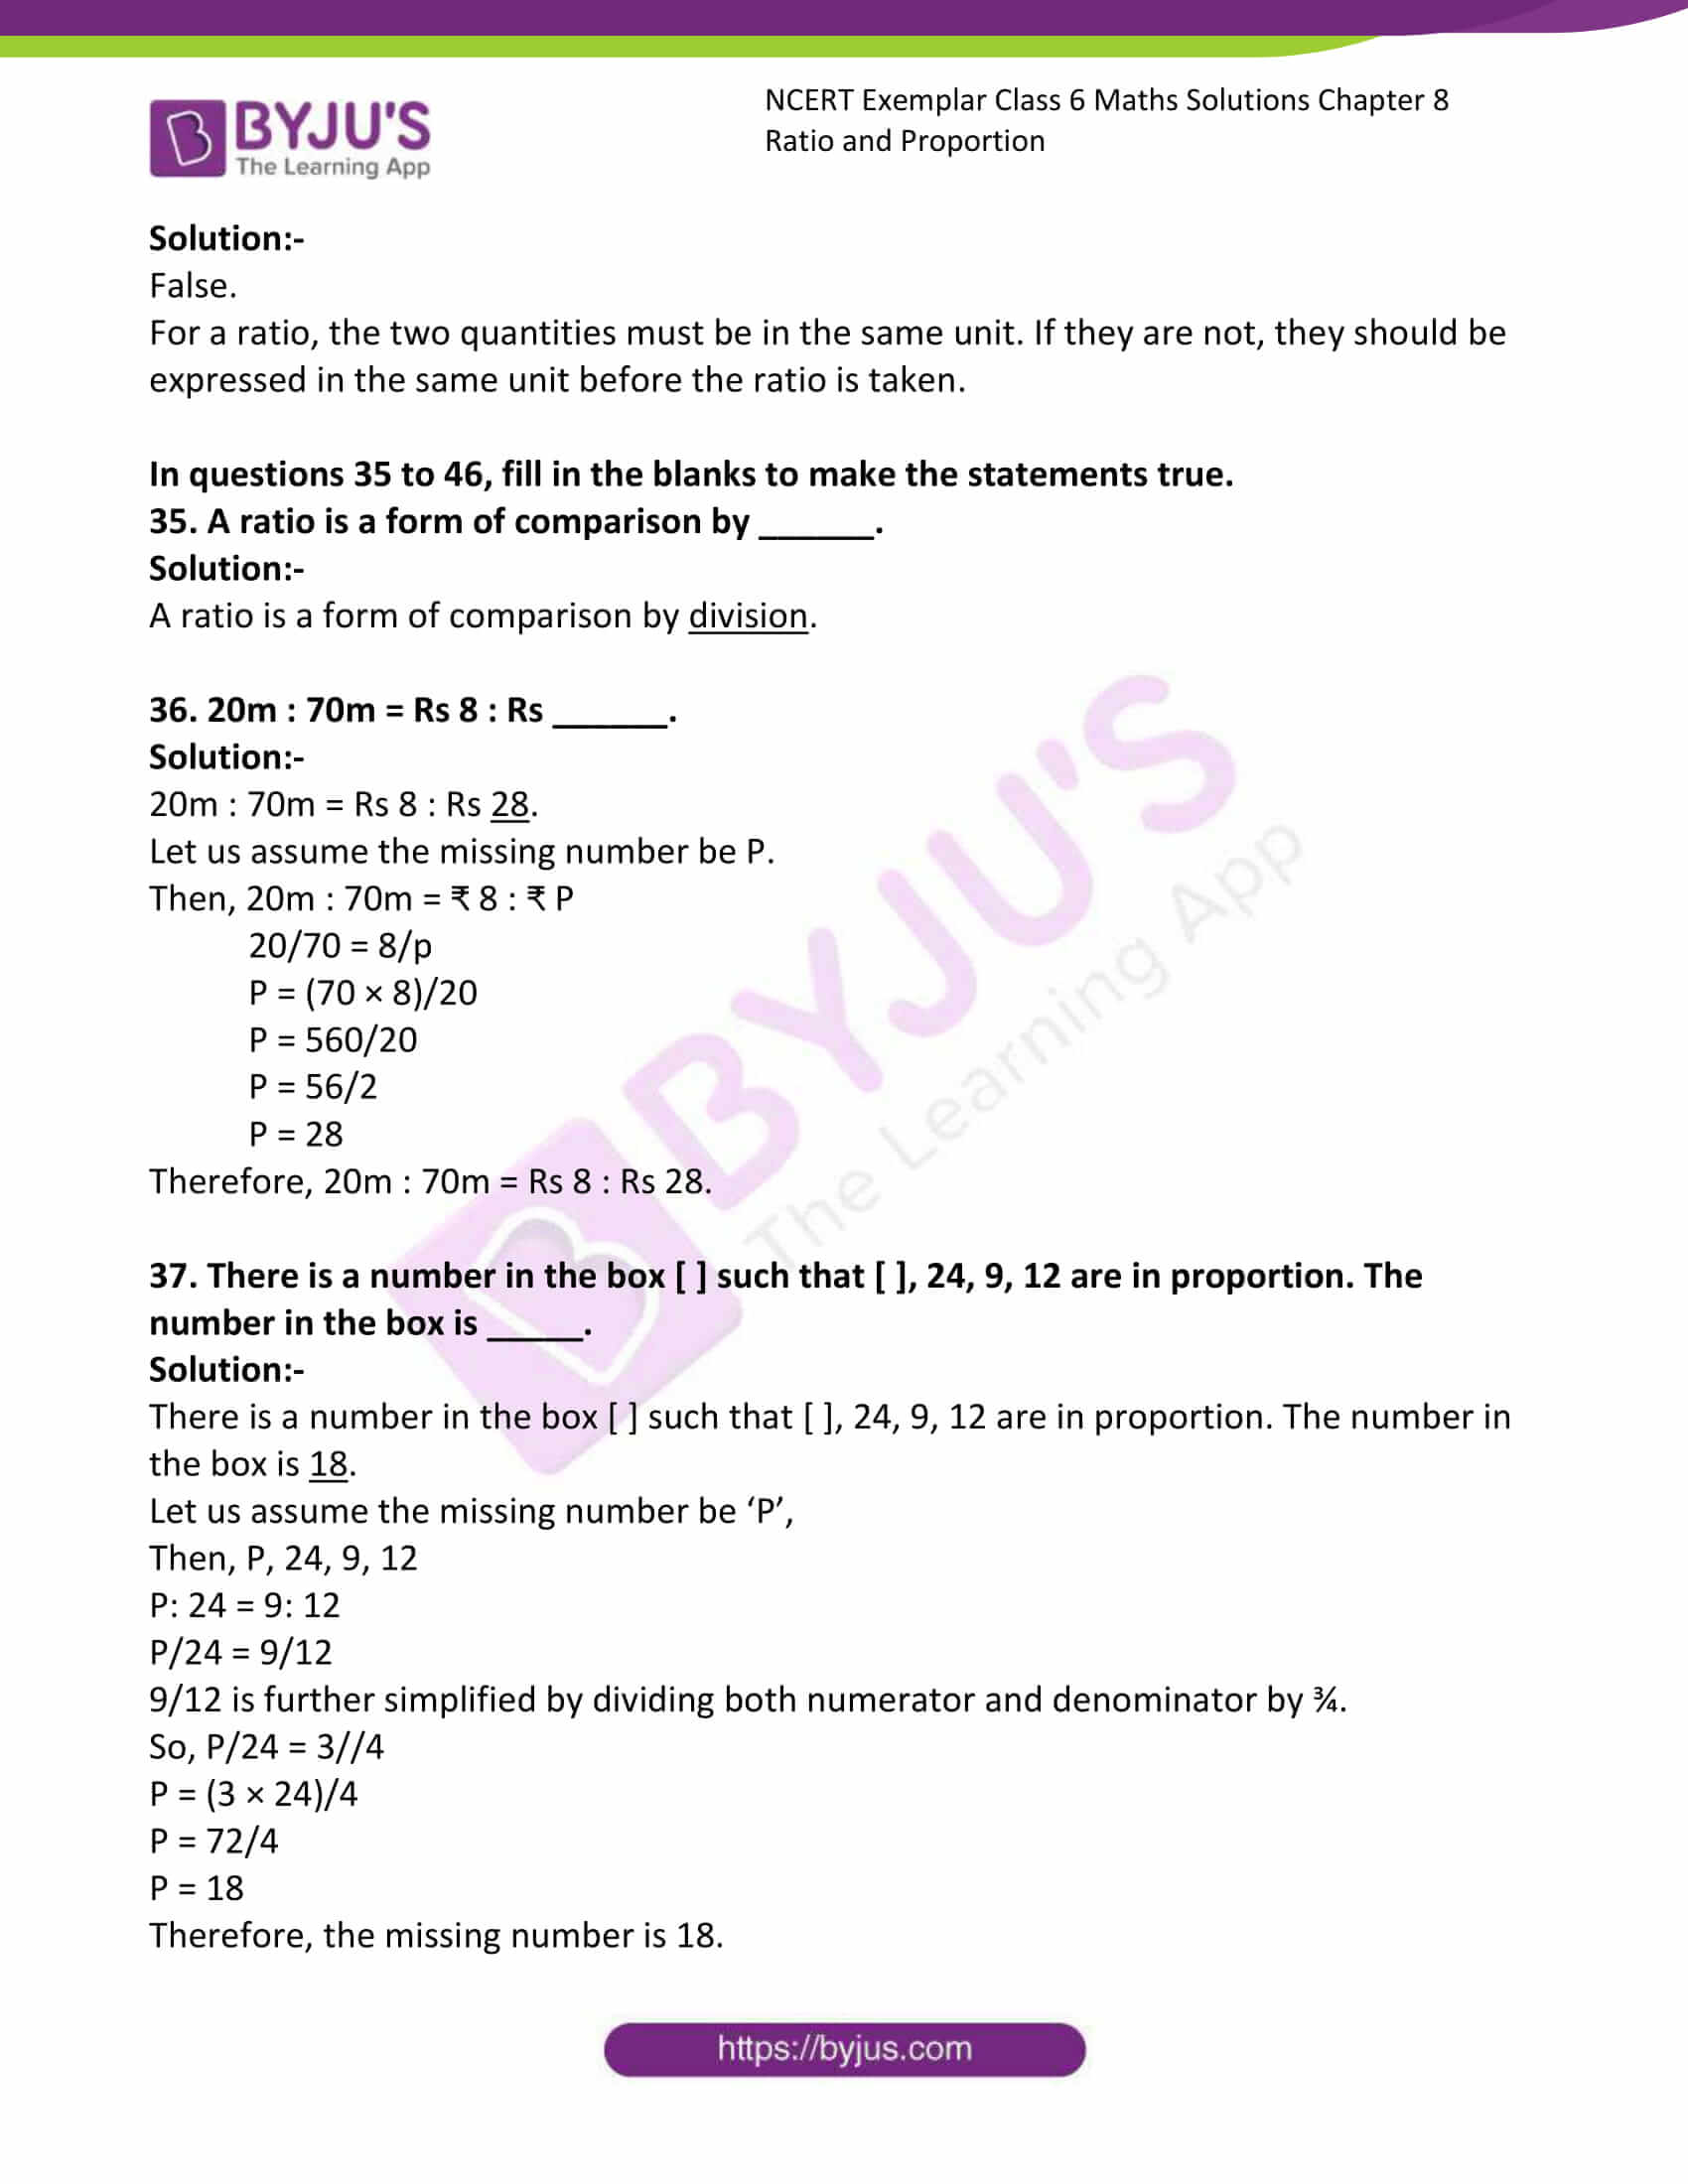 ncert exemplar class 6 maths sol ch 8 12